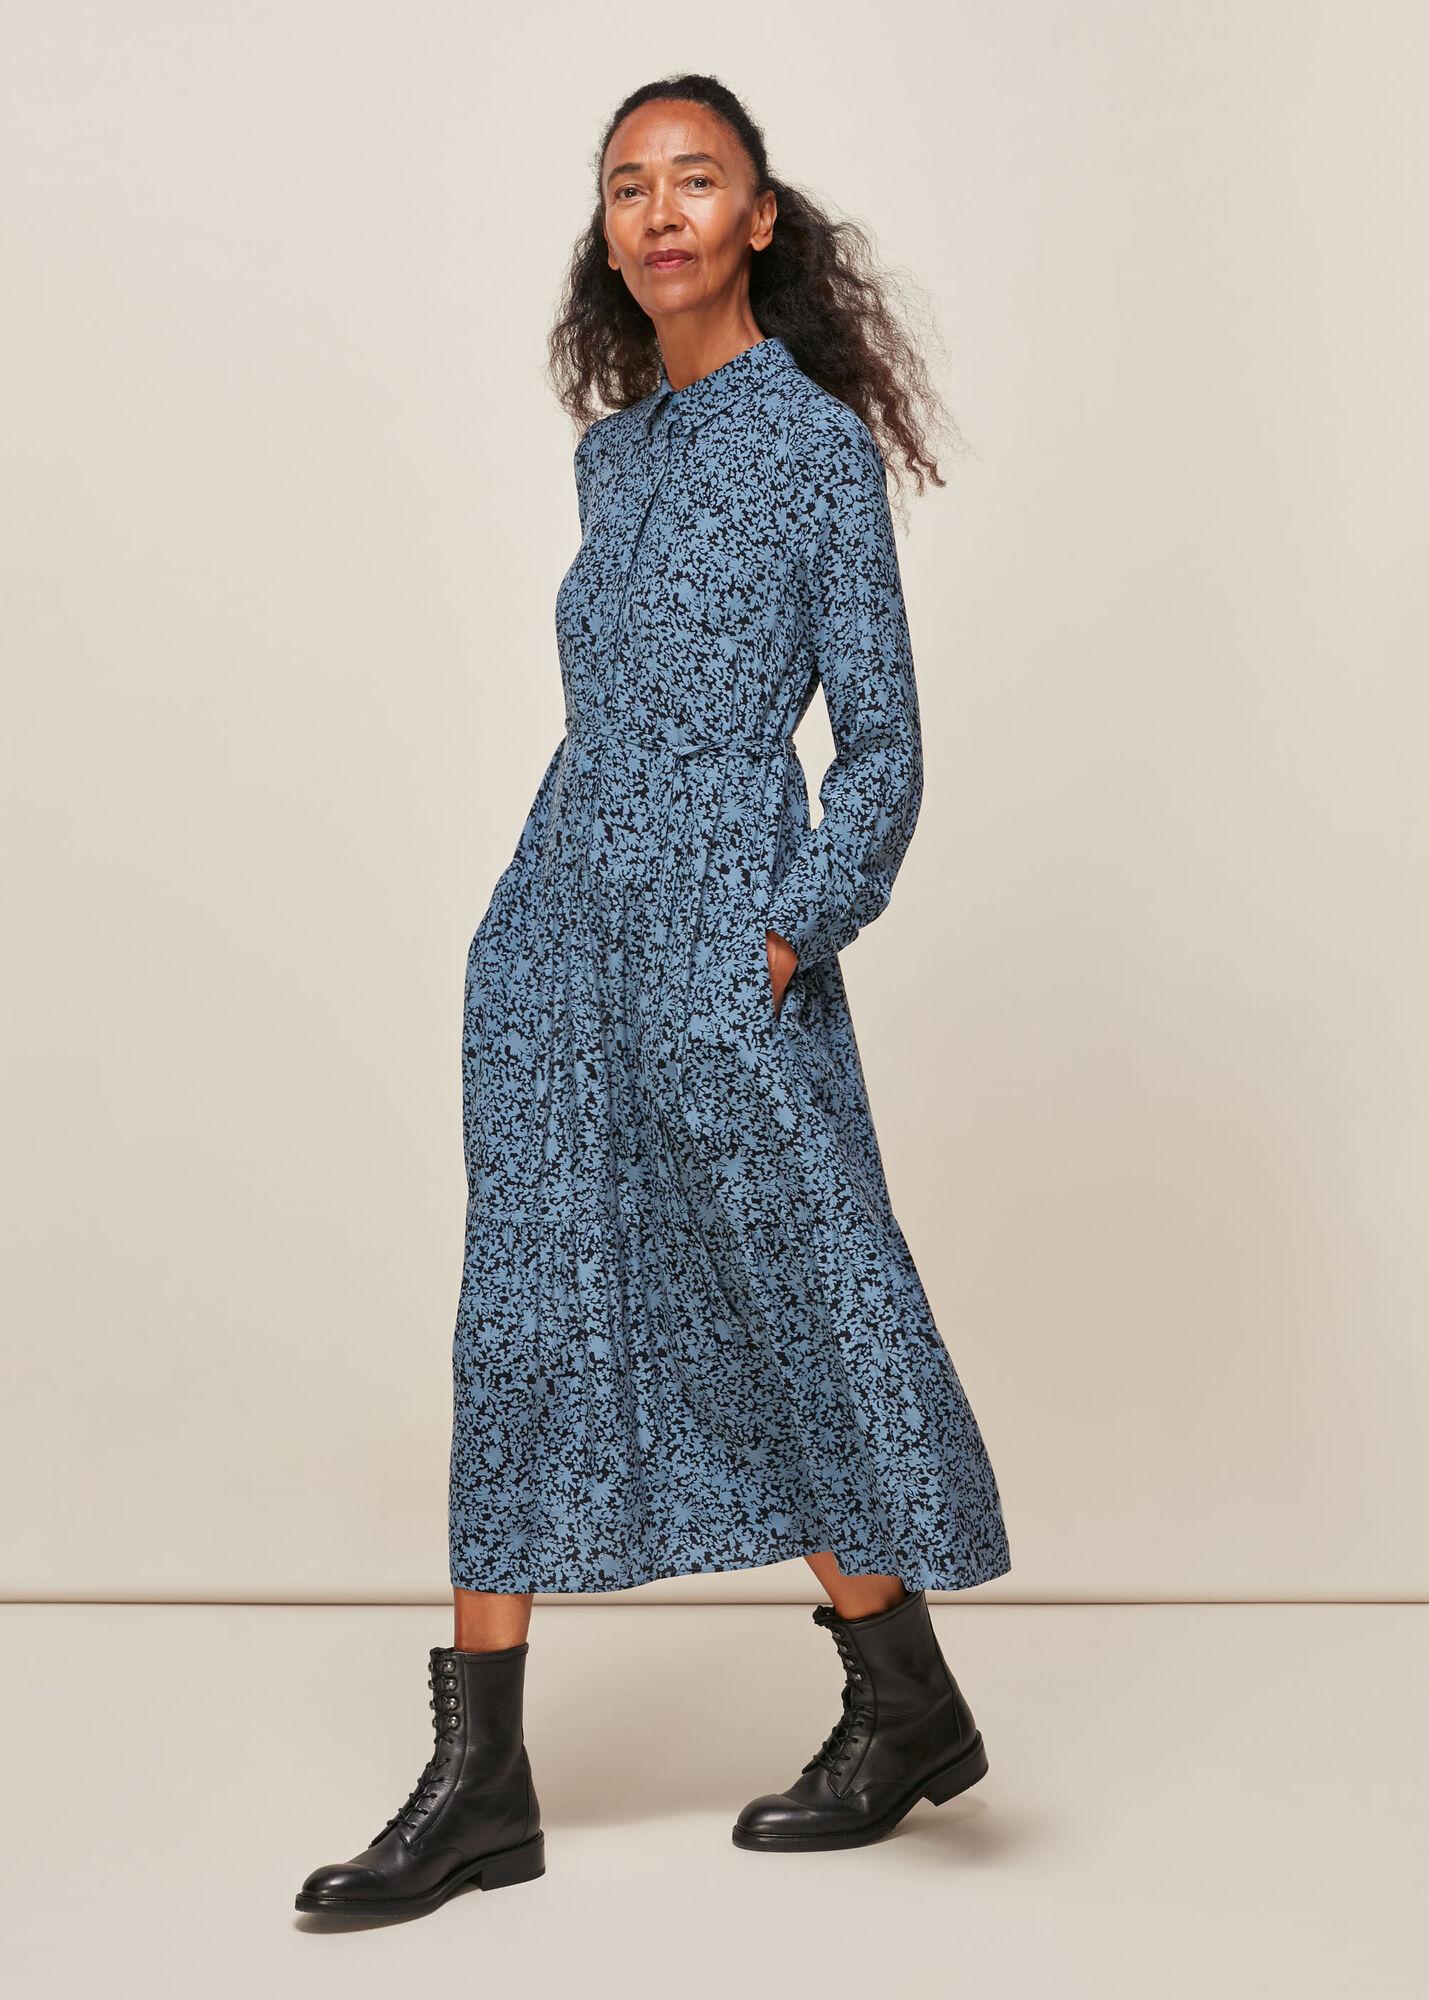 Eucalyptus Print Dress